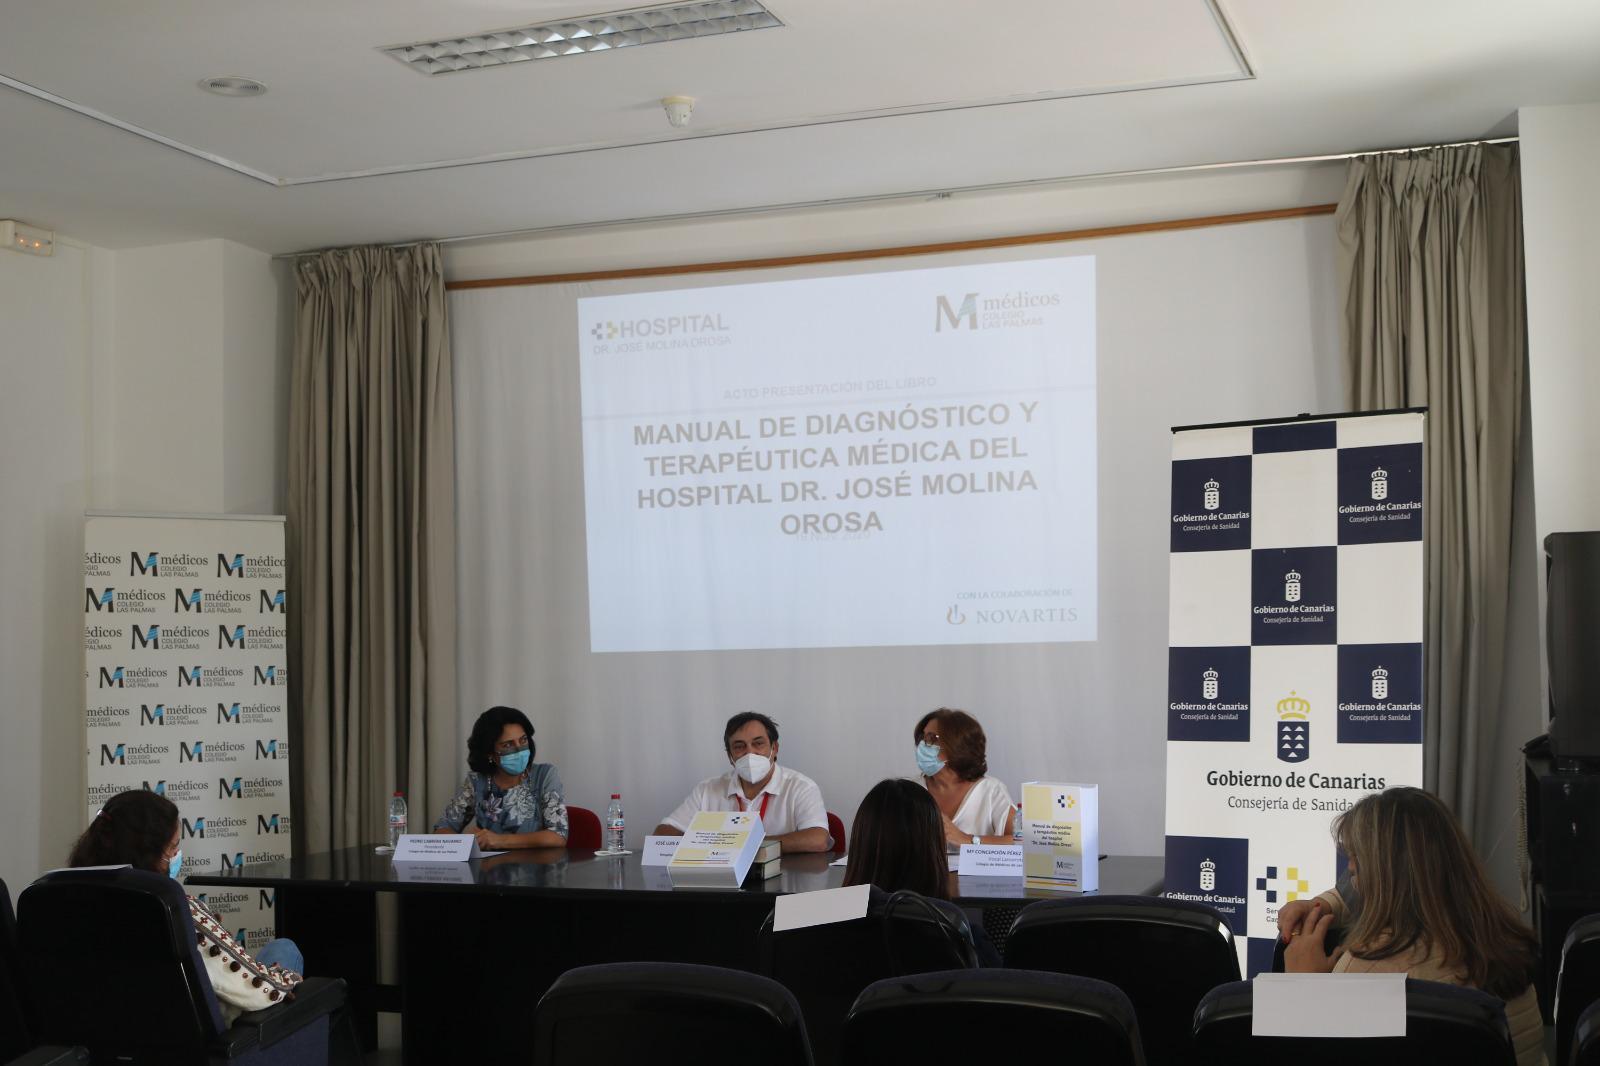 Los hospitales de Lanzarote presentan la primera edición del 'Manual de diagnóstico y terapéutica médica'